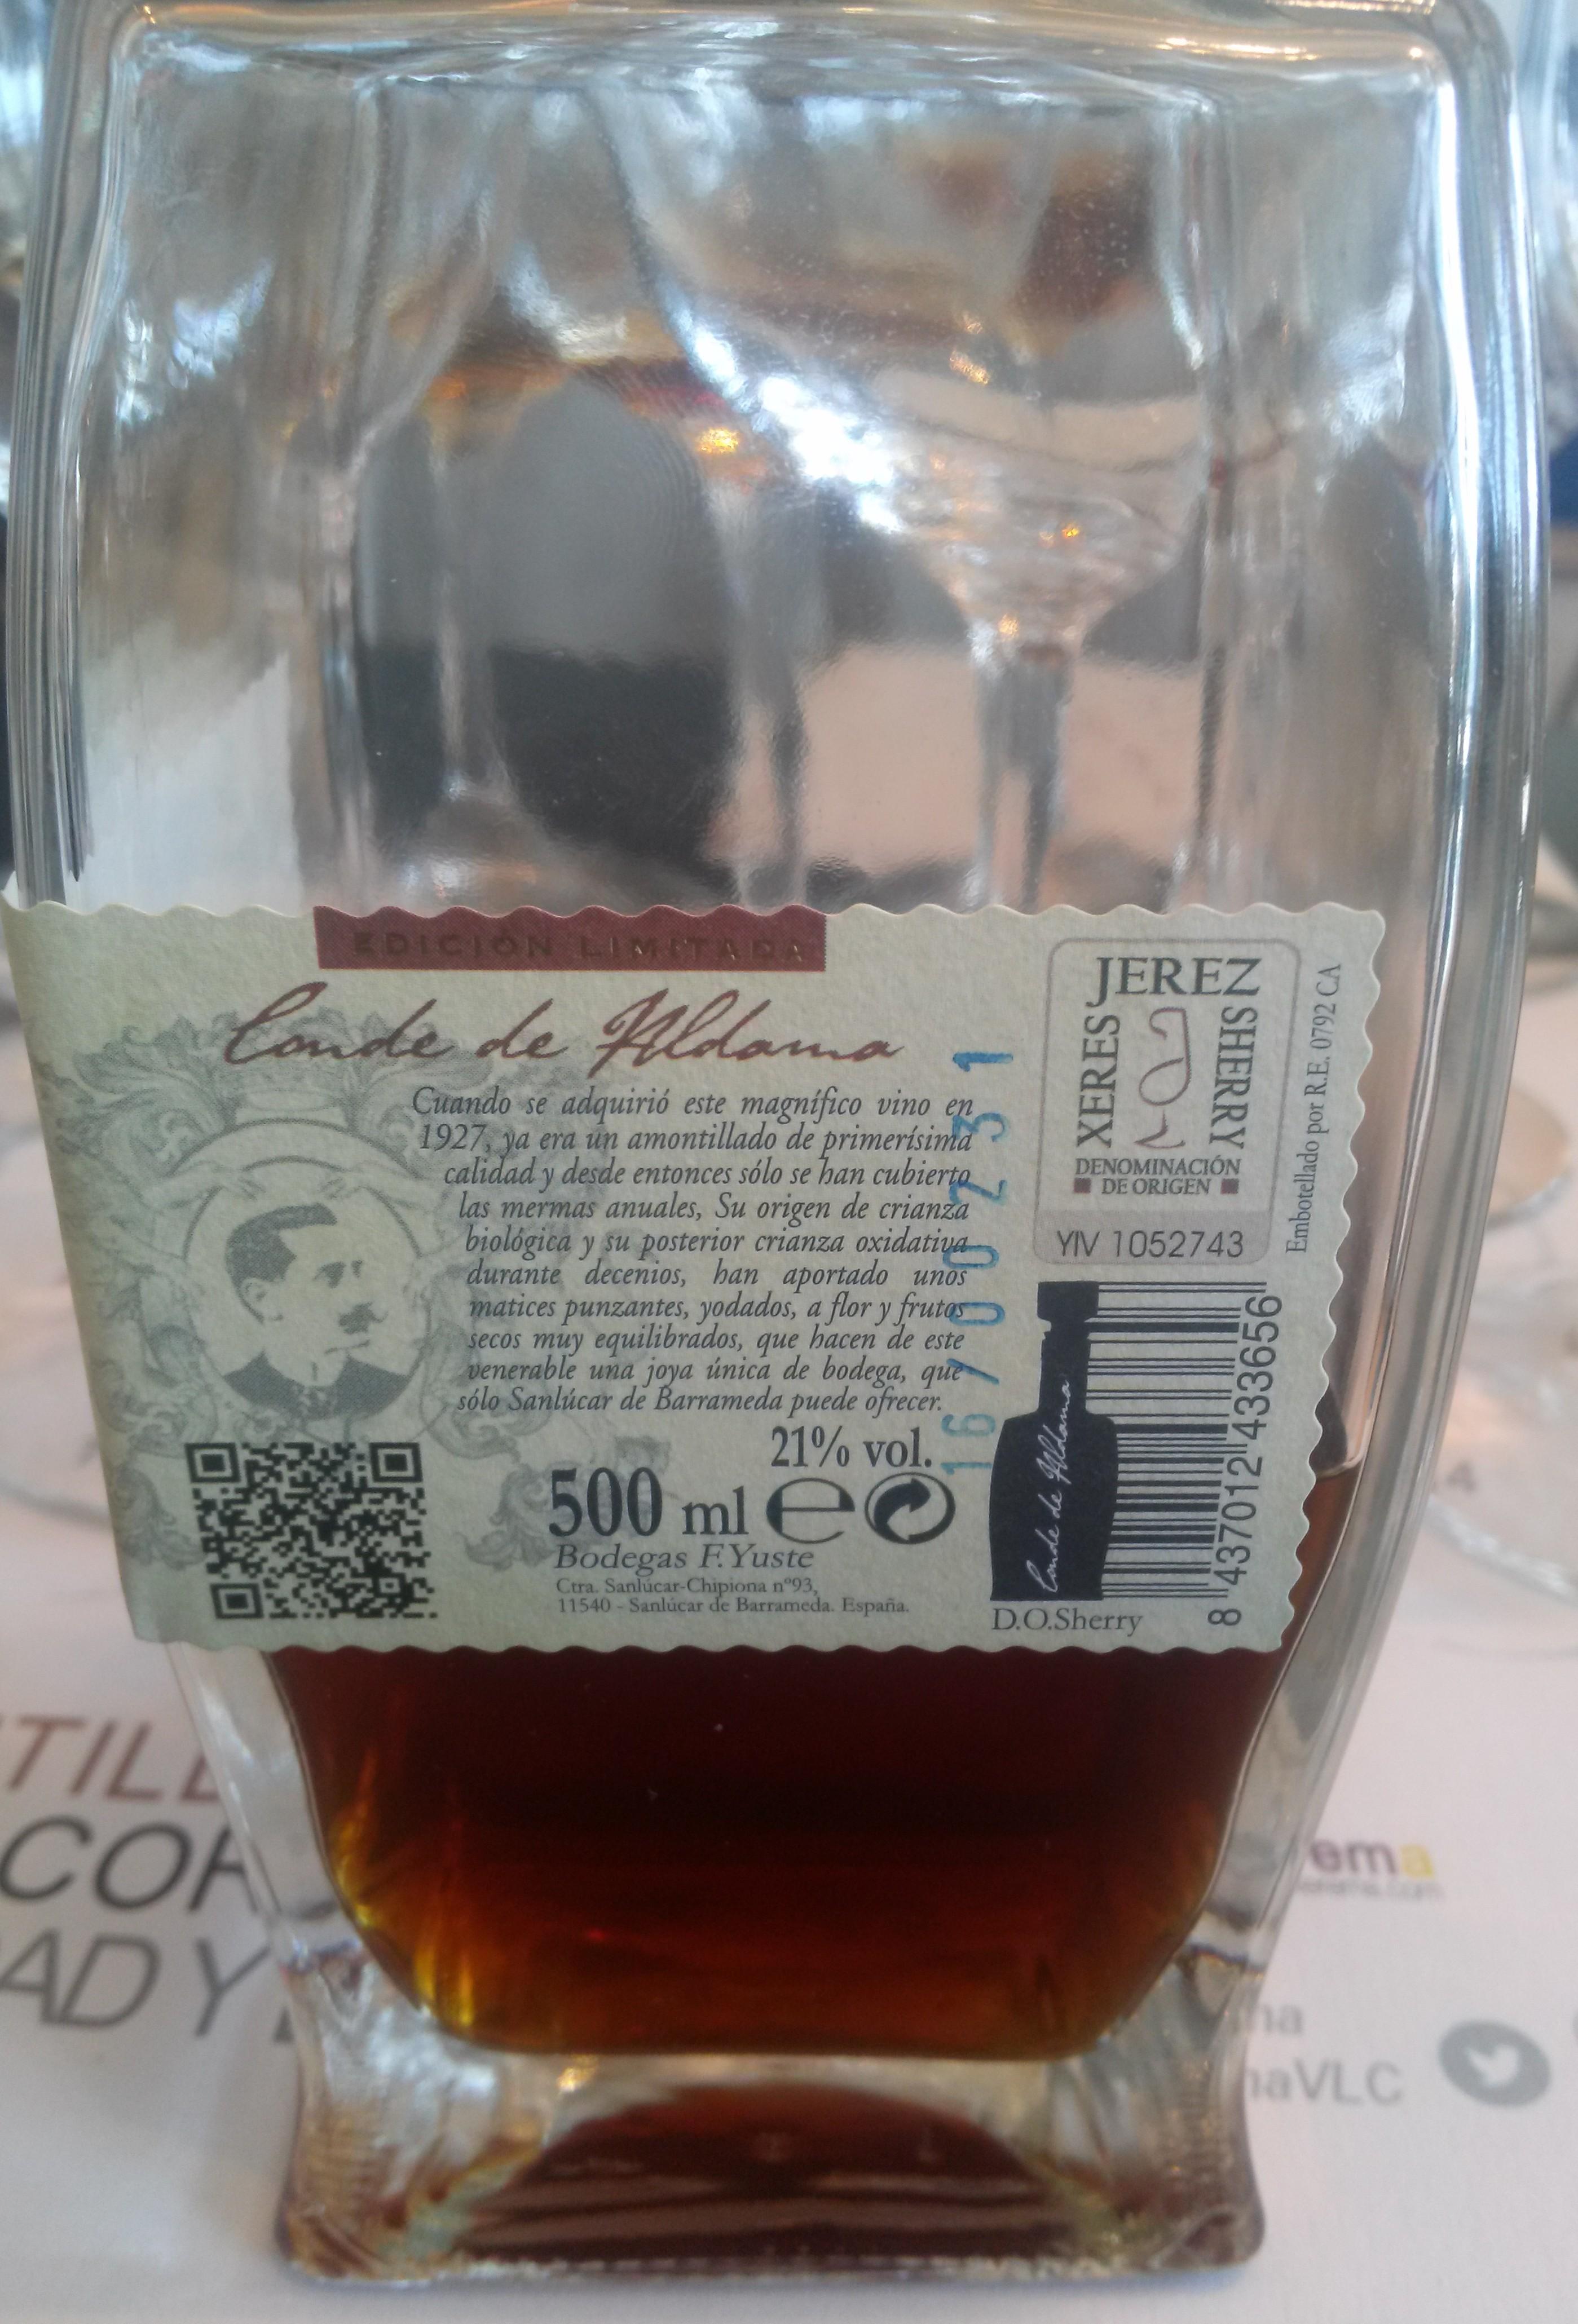 Amontillado Conde de Aldama, +100 años de vejez, maravilloso